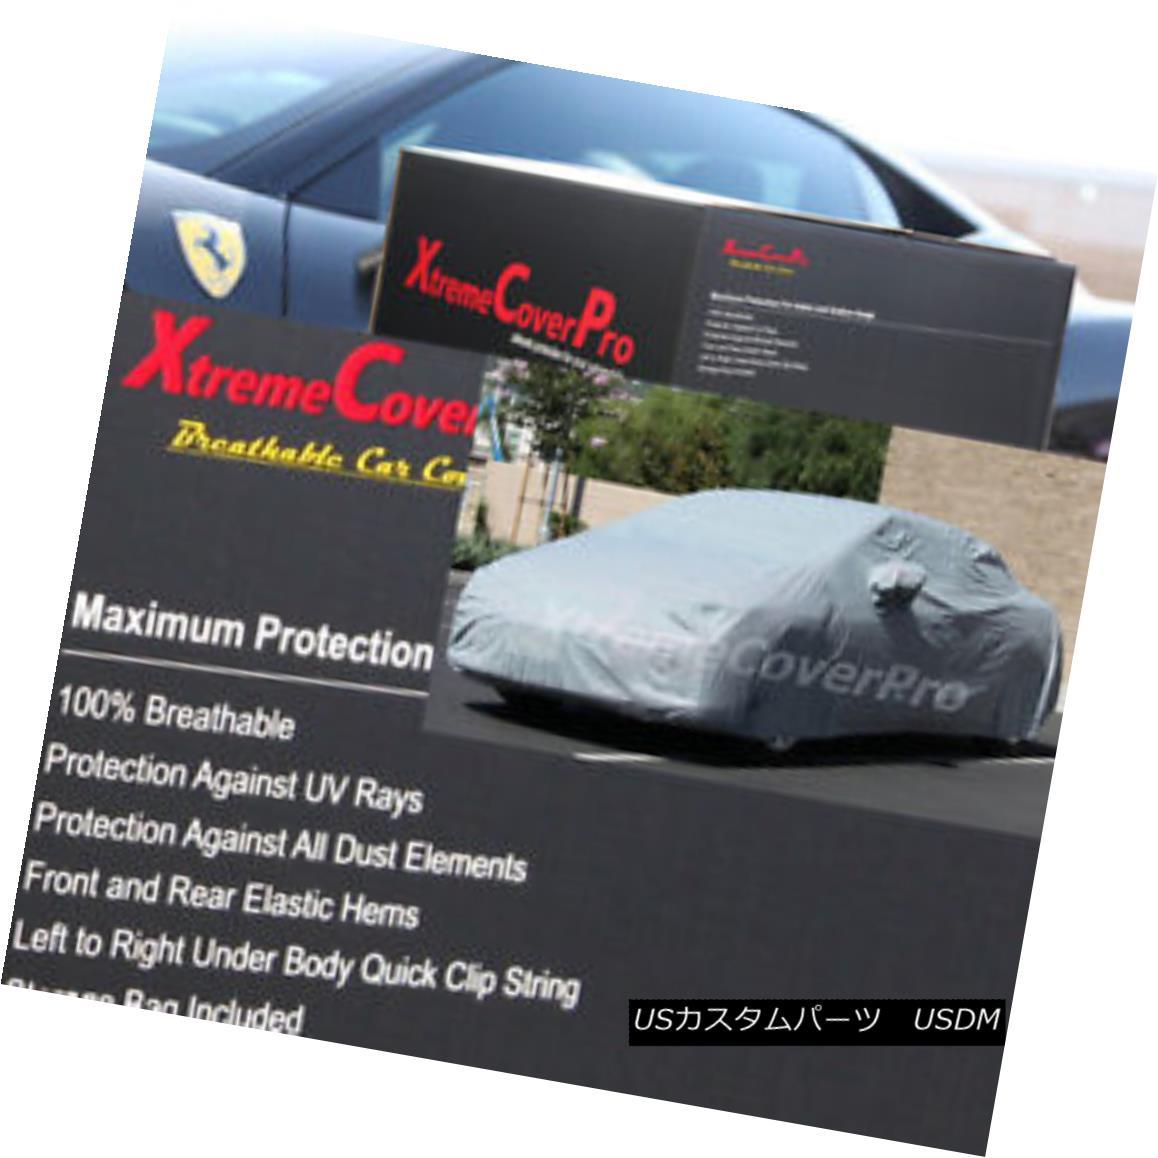 カーカバー 2015 TOYOTA PRIUS Breathable Car Cover w/Mirror Pockets - Gray 2015 TOYOTA PRIUS通気性のある車カバー付き/ミラーポケット - グレー